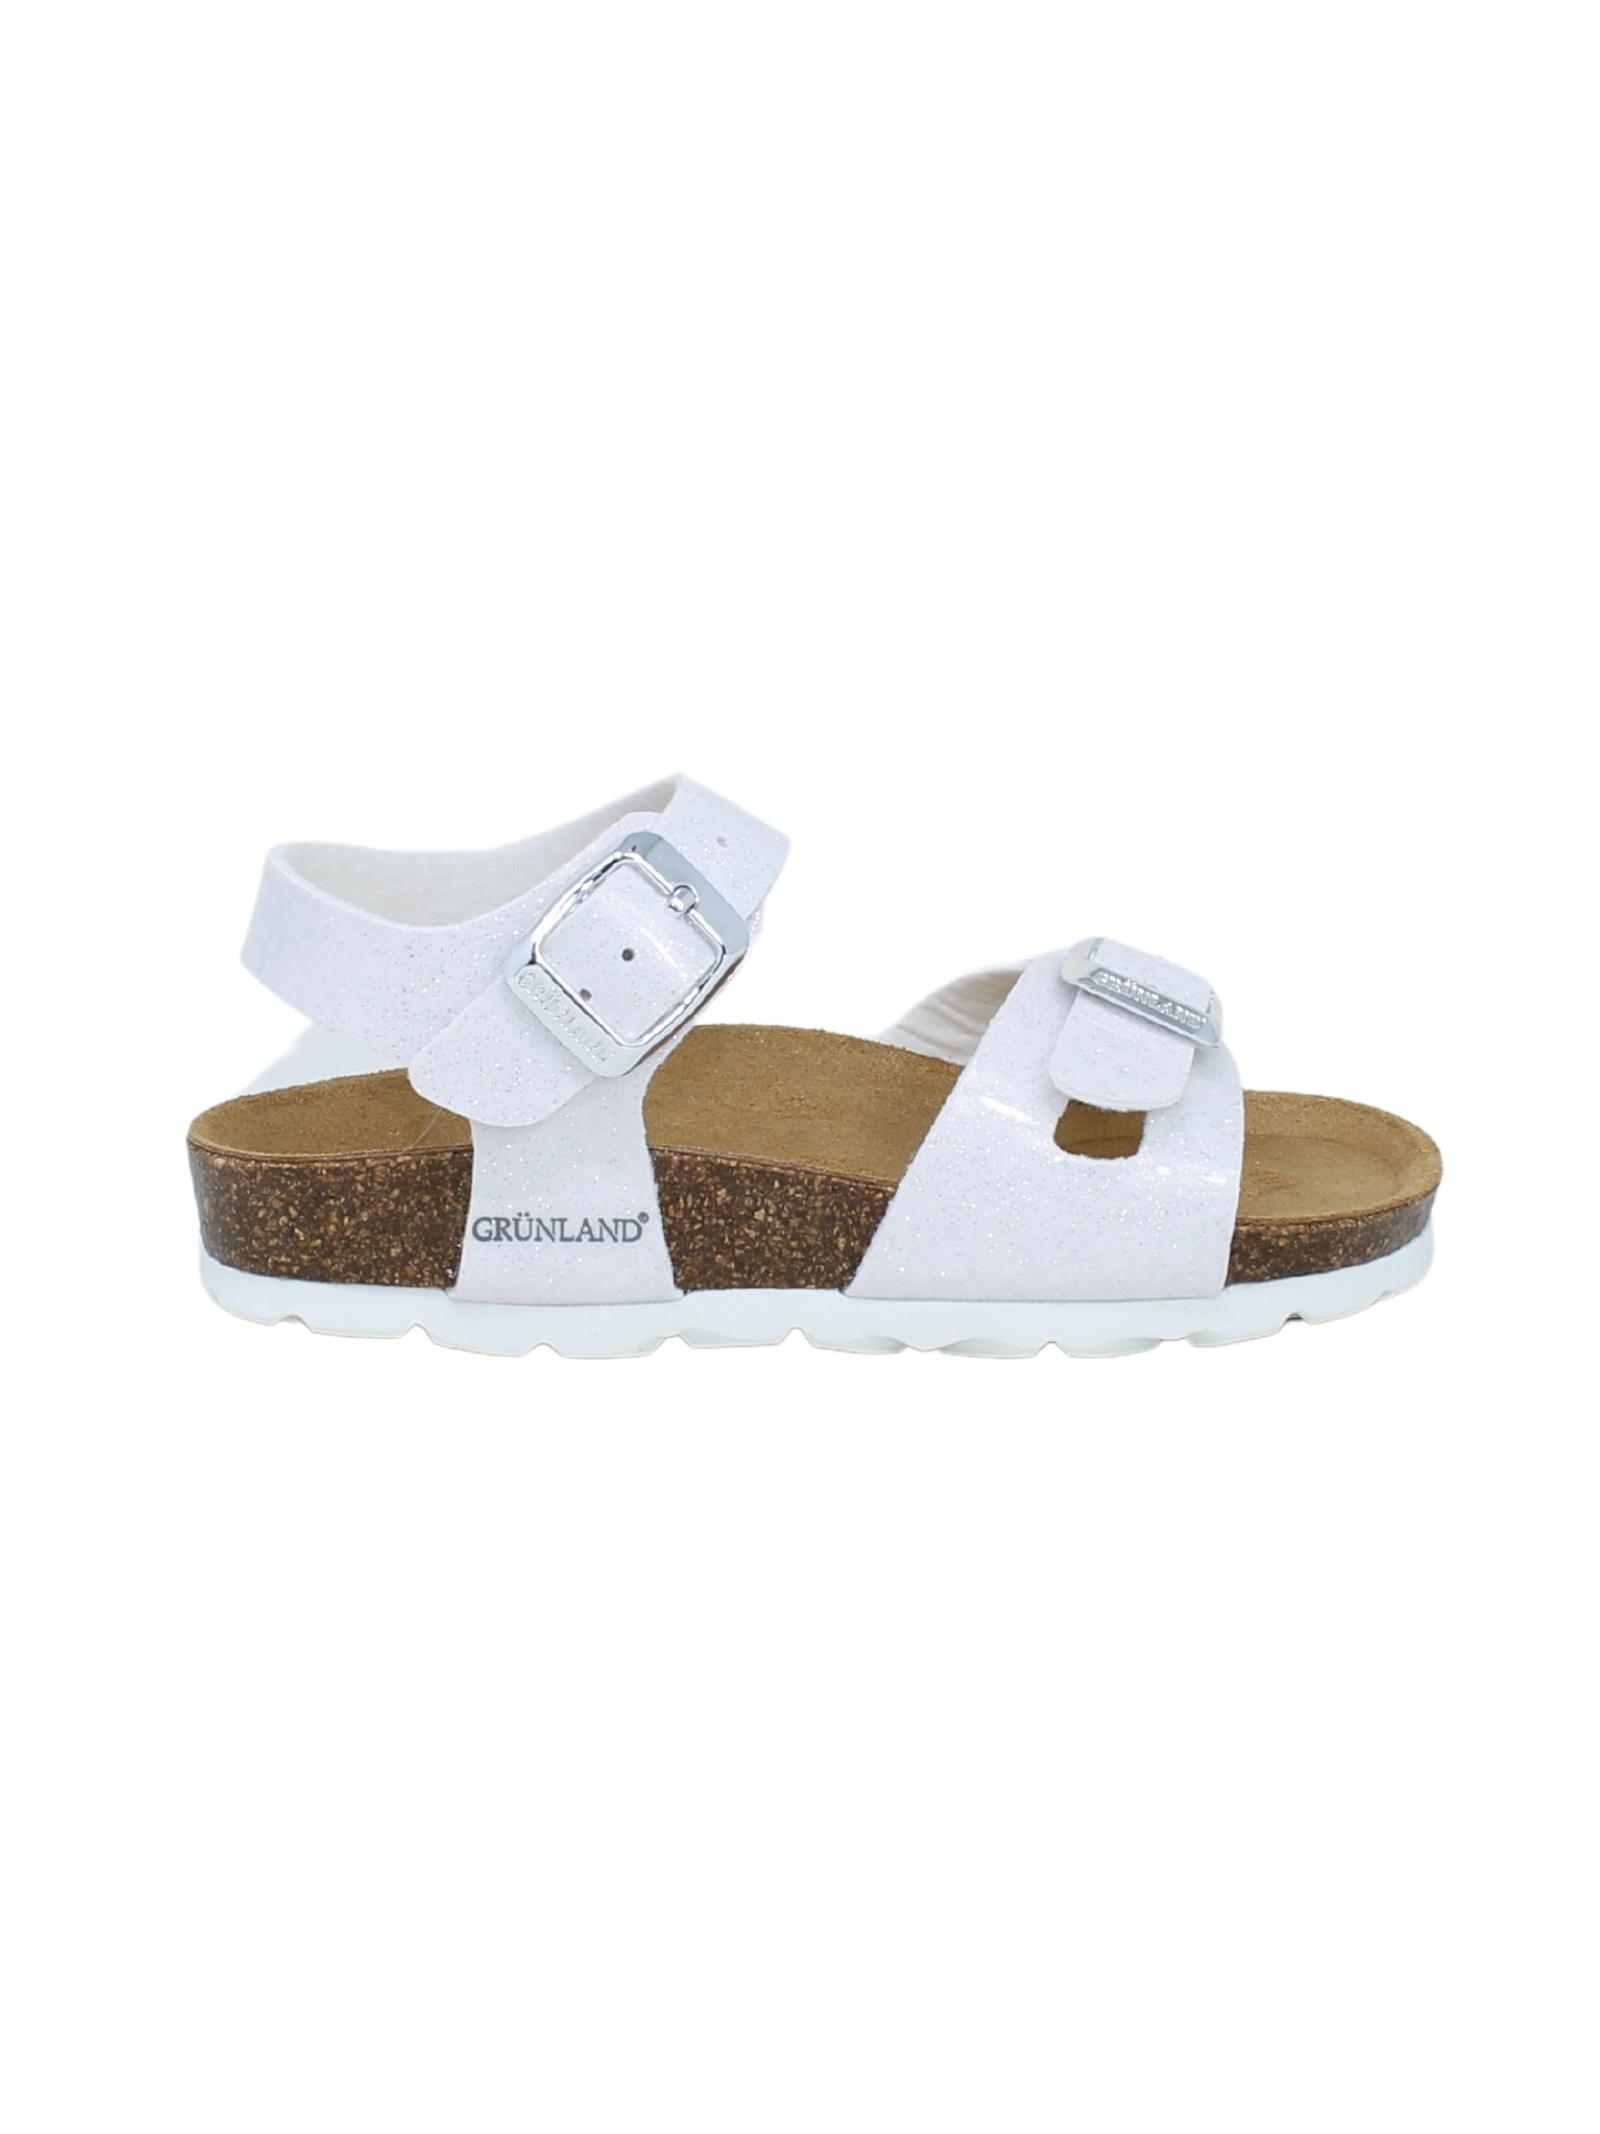 GRUNLAND JUNIOR | Sandals | 1208BIANCO